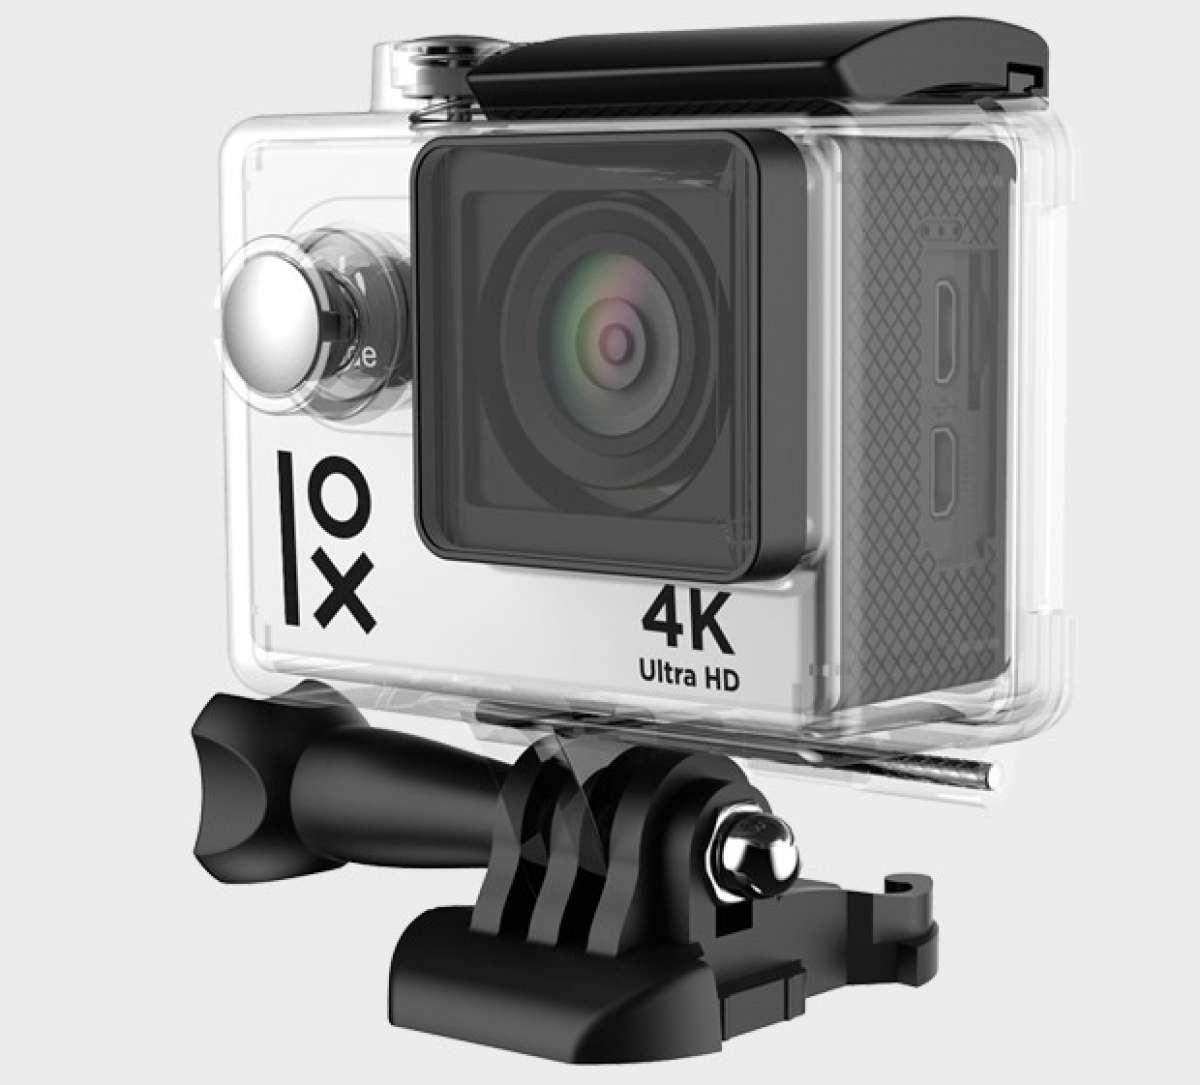 En TodoMountainBike: La cámara de acción Primux Sporty 4K (69€) en un dron, en una moto y en una bicicleta